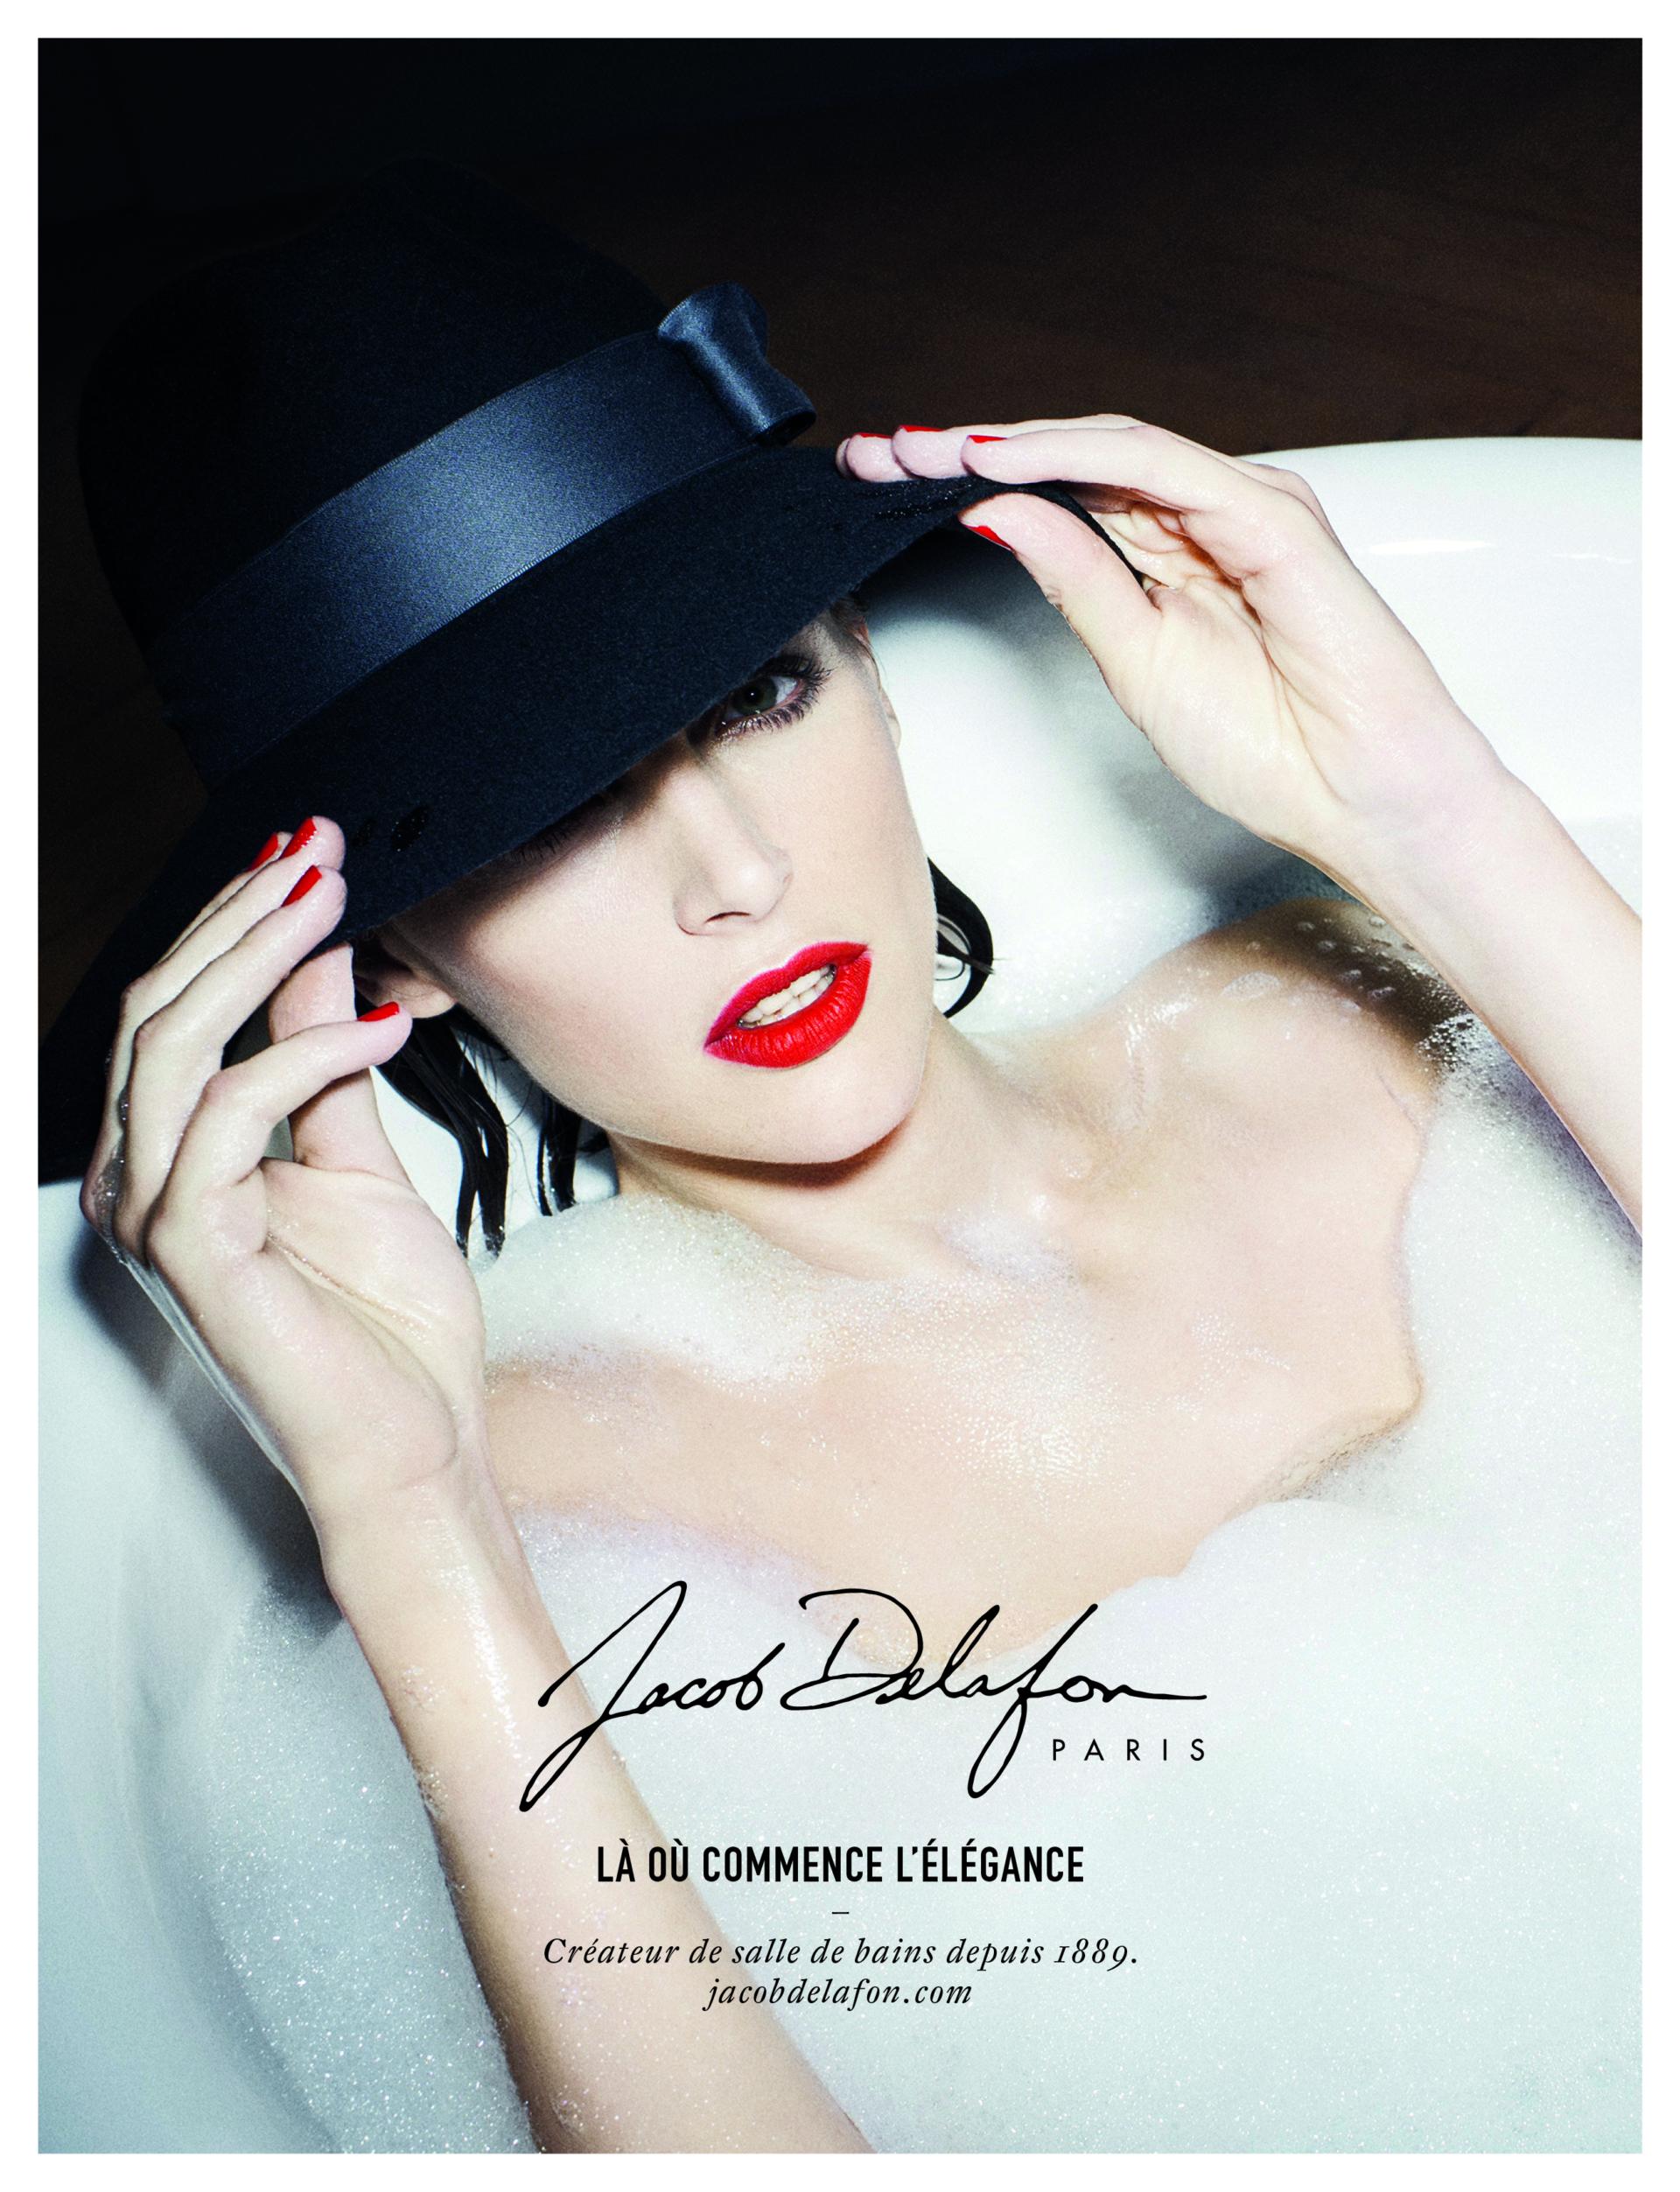 brand content jacob delafon l elegance a la francaise agence mullenlowe paris. Black Bedroom Furniture Sets. Home Design Ideas